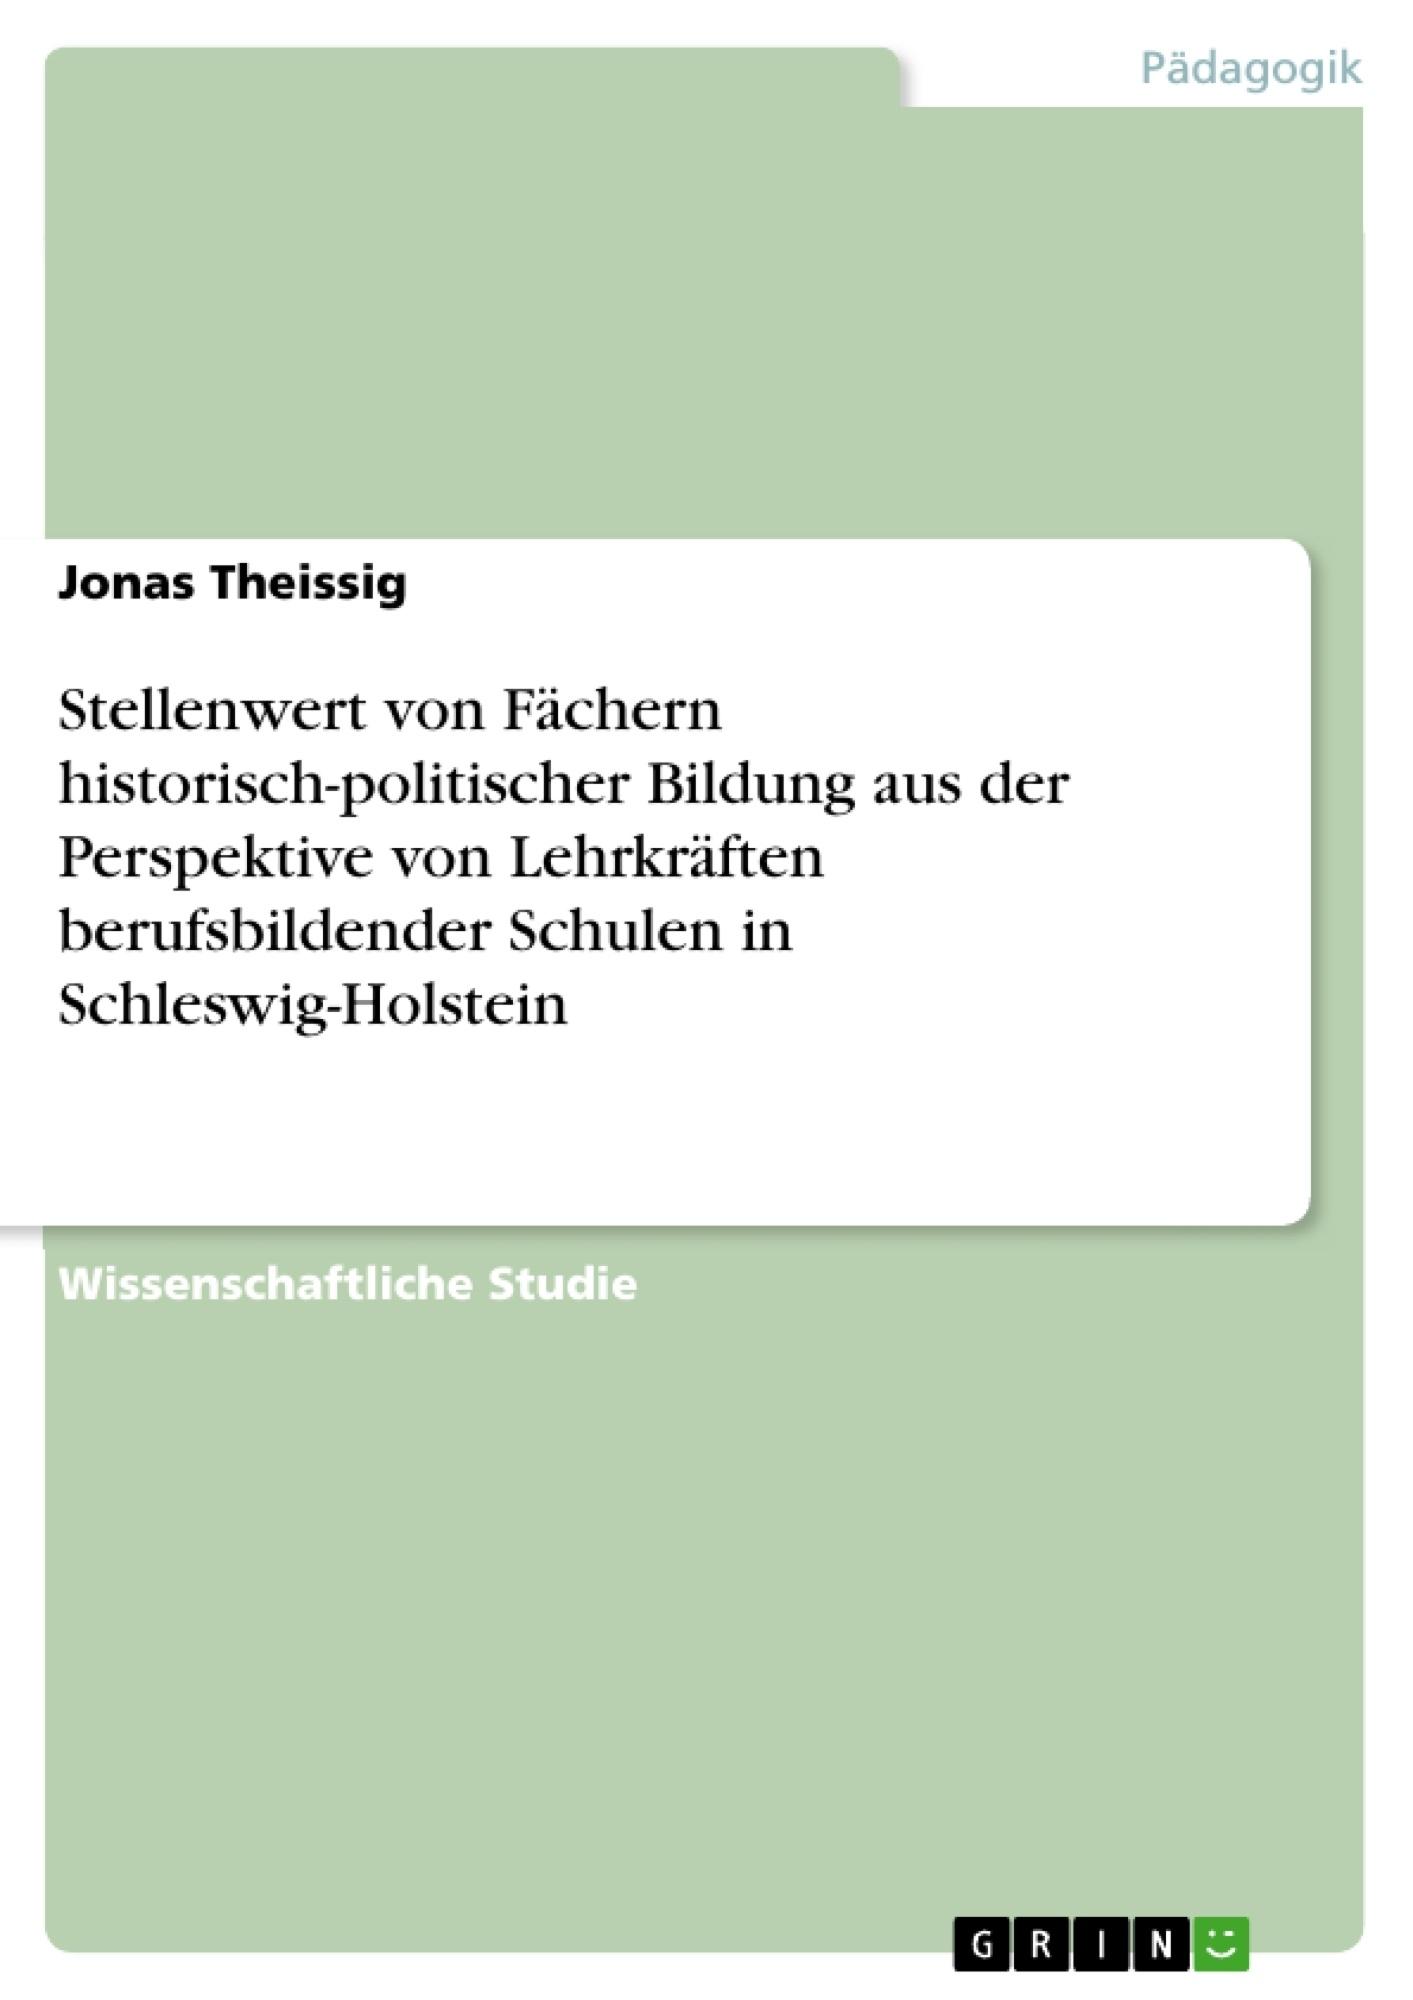 Titel: Stellenwert von Fächern historisch-politischer Bildung aus der Perspektive von Lehrkräften berufsbildender Schulen in Schleswig-Holstein